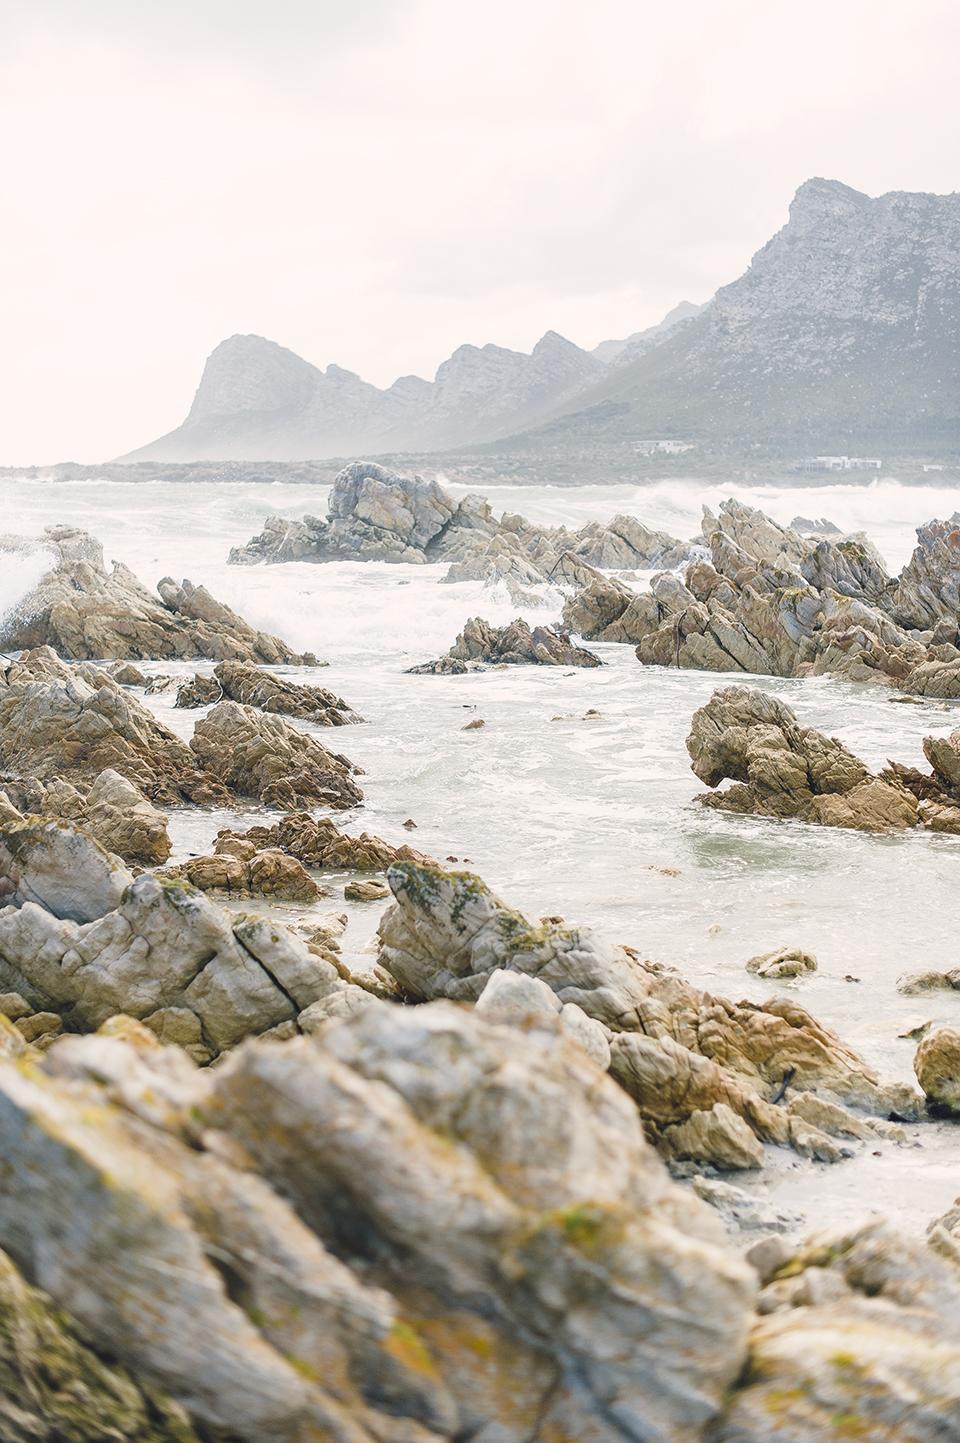 RyanParker_WeddingPhotographer_CapeTown_Hermanus_PringleBay_SouthAfrica_T&R_DSC_5622.jpg